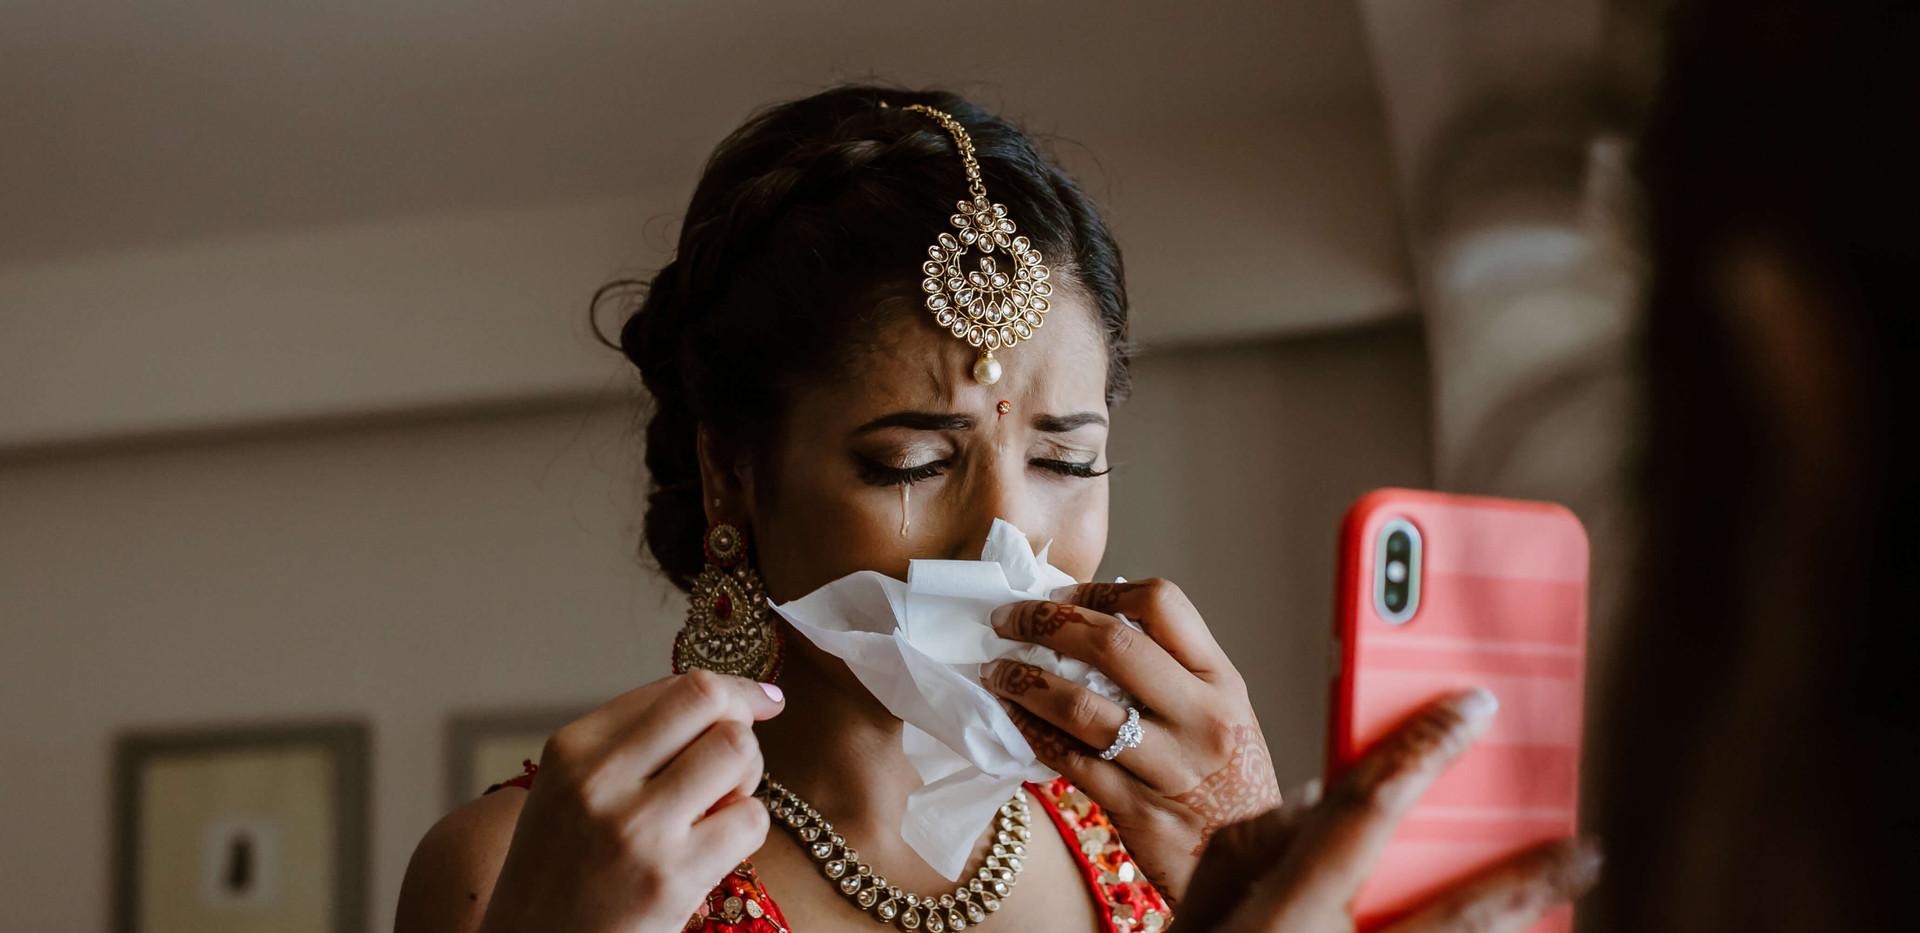 Gonzalo Wedding Photography_11.jpg